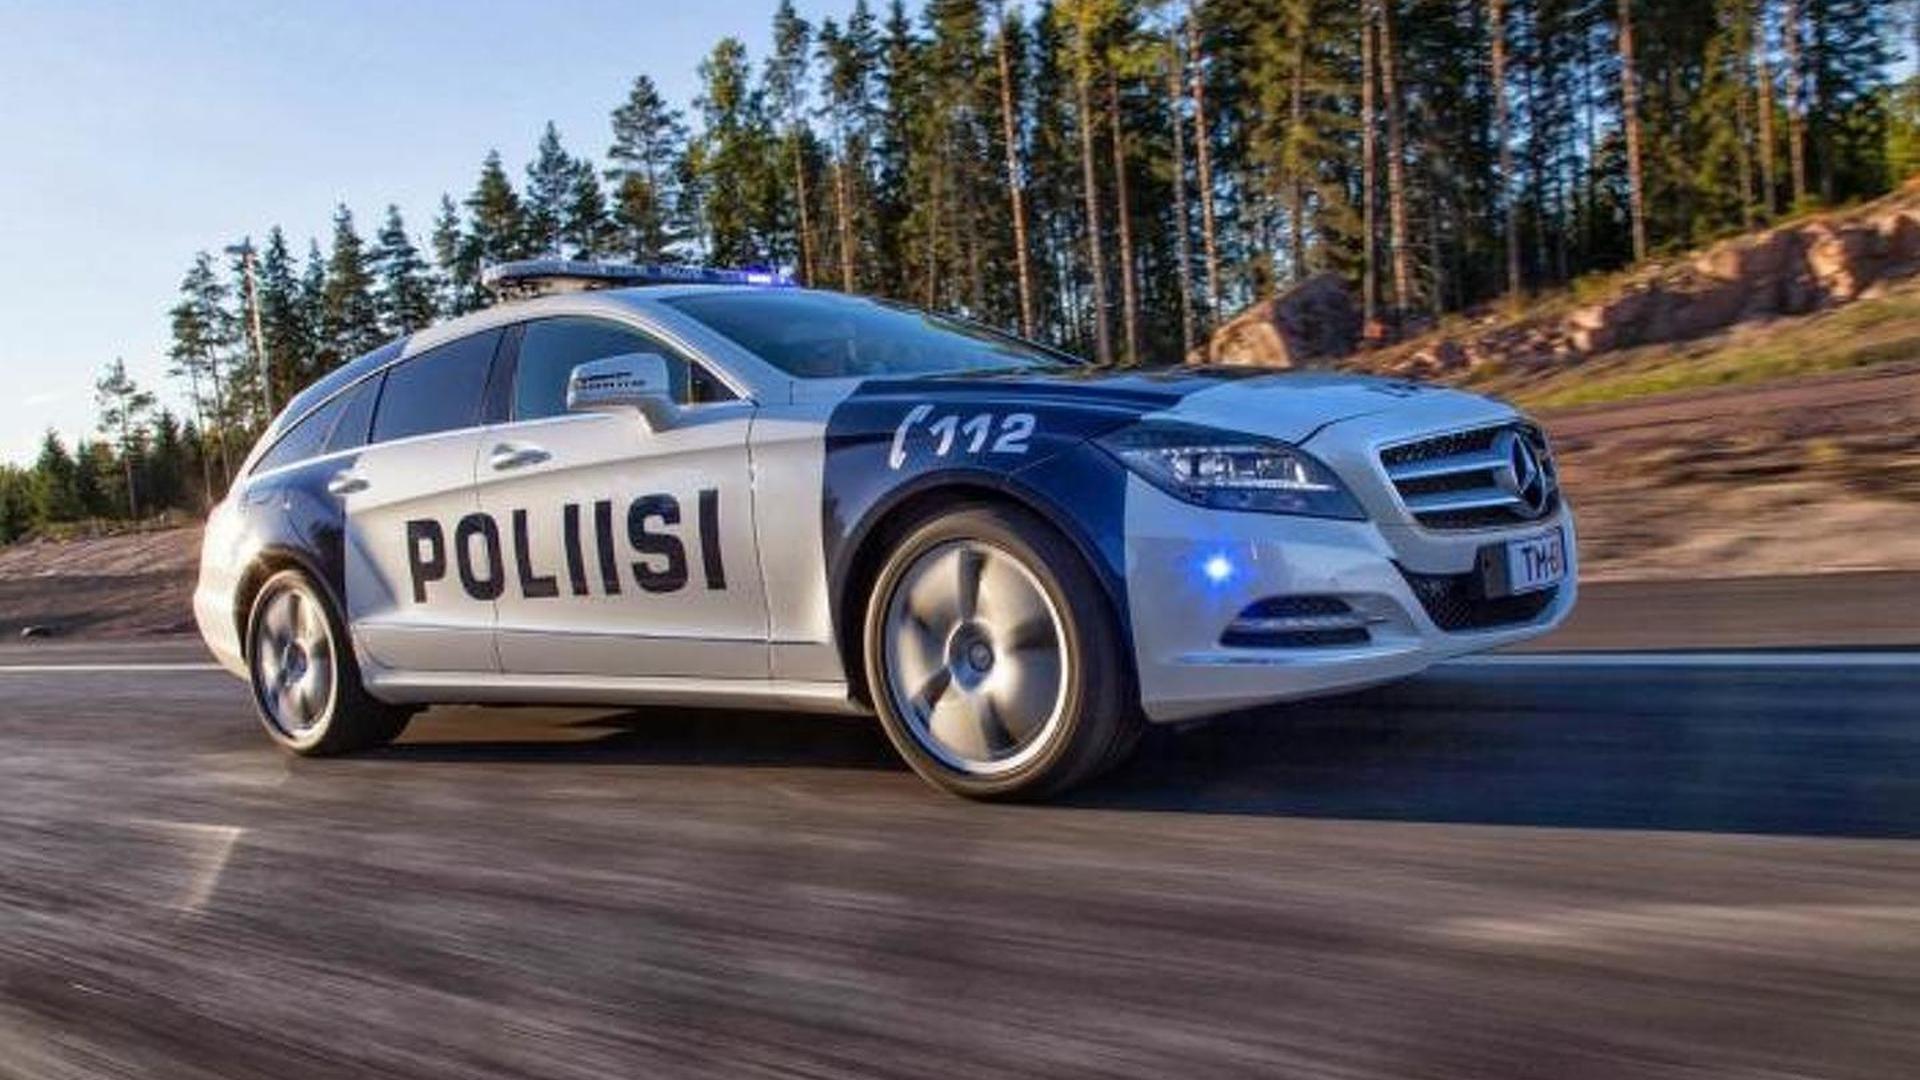 Финляндия увеличила уровень террористической угрозы